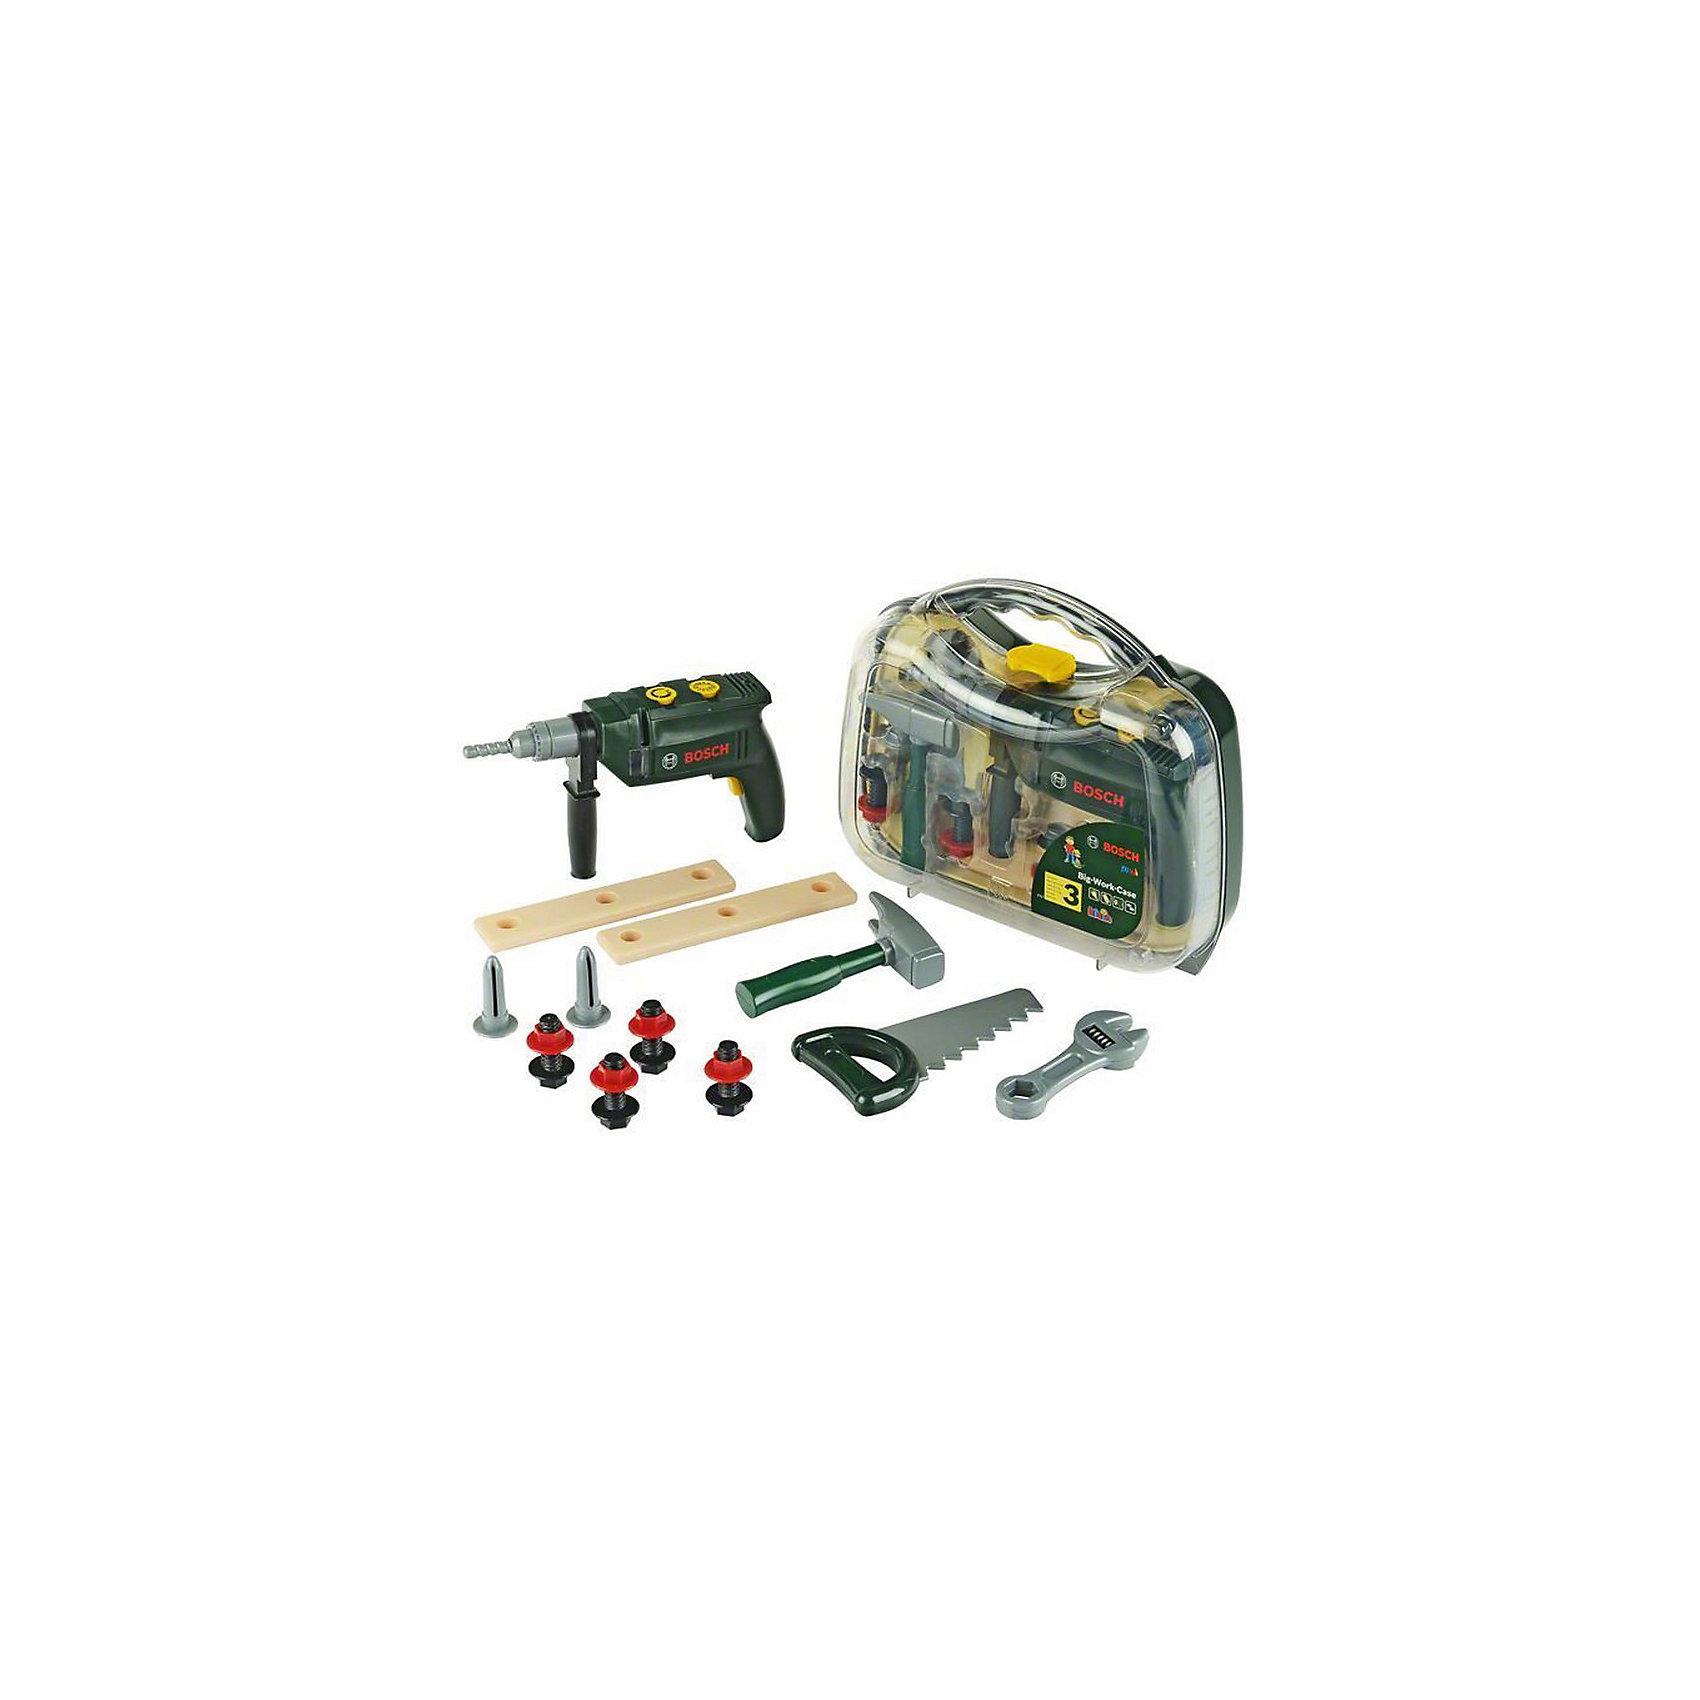 Набор инструментов с дрелью Bosch, KleinНабор инструментов с дрелью Bosch (Бош) от популярного немецкого бренда игрушек для детей Klein (Кляйн) станет отличным дополнением к играм мальчиков. Стильный и современный полупрозрачный чемоданчик включает в себя все нужные предметы для починки и создания нового. В набор включена интерактивная дрель с кнопкой, издающая звуки, болты с шайбами,  гаечный ключ, слесарный молоток, гвозди, пила. В чемоданчик вошли бруски с отверстиями. С такой игрушкой ребенок легко освоит основные инструменты и научится в ними обращаться в дружелюбной среде. Играя с набором ребенок сможет развить воображение и моторику рук.<br>Дополнительная информация:<br><br>- В комплект входит: чемодан, интерактивная молоток, дрель, пила, гаечный ключ, болты с шайбами 4 шт., гвозди 2 шт., 2 пластиковых бруска<br>- Состав: пластик<br>- Параметры: 27 * 8 * 22 см. <br>- Элементы питания: 2 * 1,5 V (R6) АА  <br><br>Набор инструментов с дрелью, Klein (Кляйн) можно купить в нашем интернет-магазине.<br>Подробнее:<br>• Для детей в возрасте: от 3 до 6 лет <br>• Номер товара: 5055279<br>Страна производитель: Китай<br><br>Ширина мм: 283<br>Глубина мм: 540<br>Высота мм: 266<br>Вес г: 800<br>Возраст от месяцев: 36<br>Возраст до месяцев: 120<br>Пол: Мужской<br>Возраст: Детский<br>SKU: 5055279